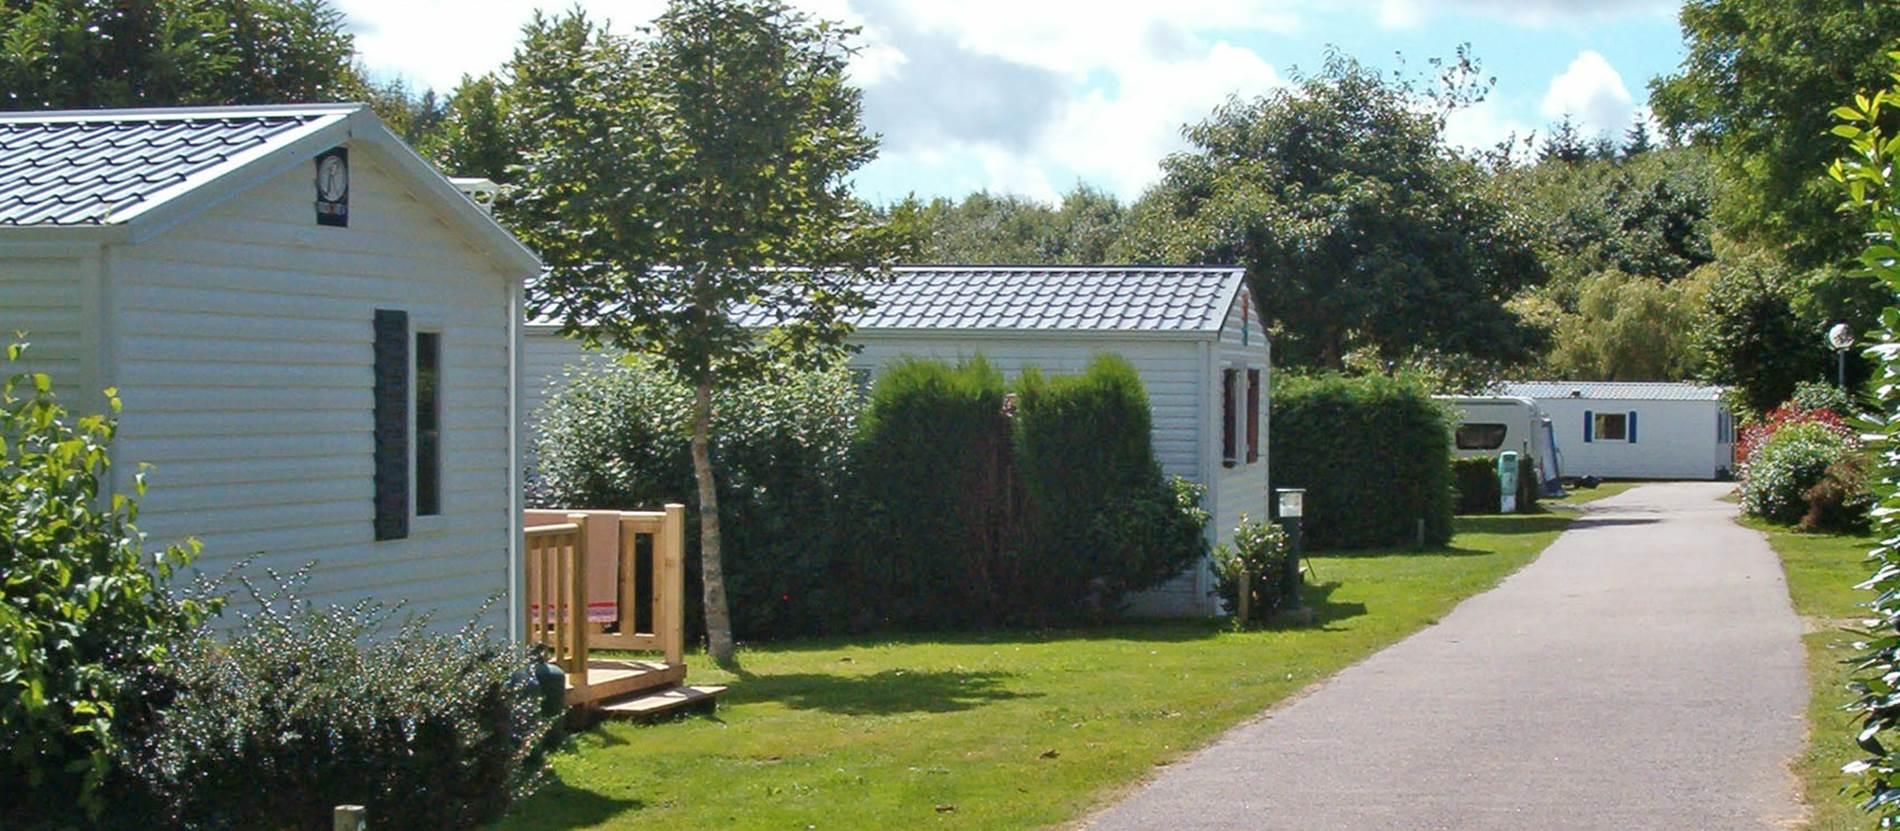 Camping-de-Ty-Nenez-Pont-Scorff-Groix-Lorient-Morbihan-Bretagne-sud © Camping-de-Ty-Nenez-Pont-Scorff